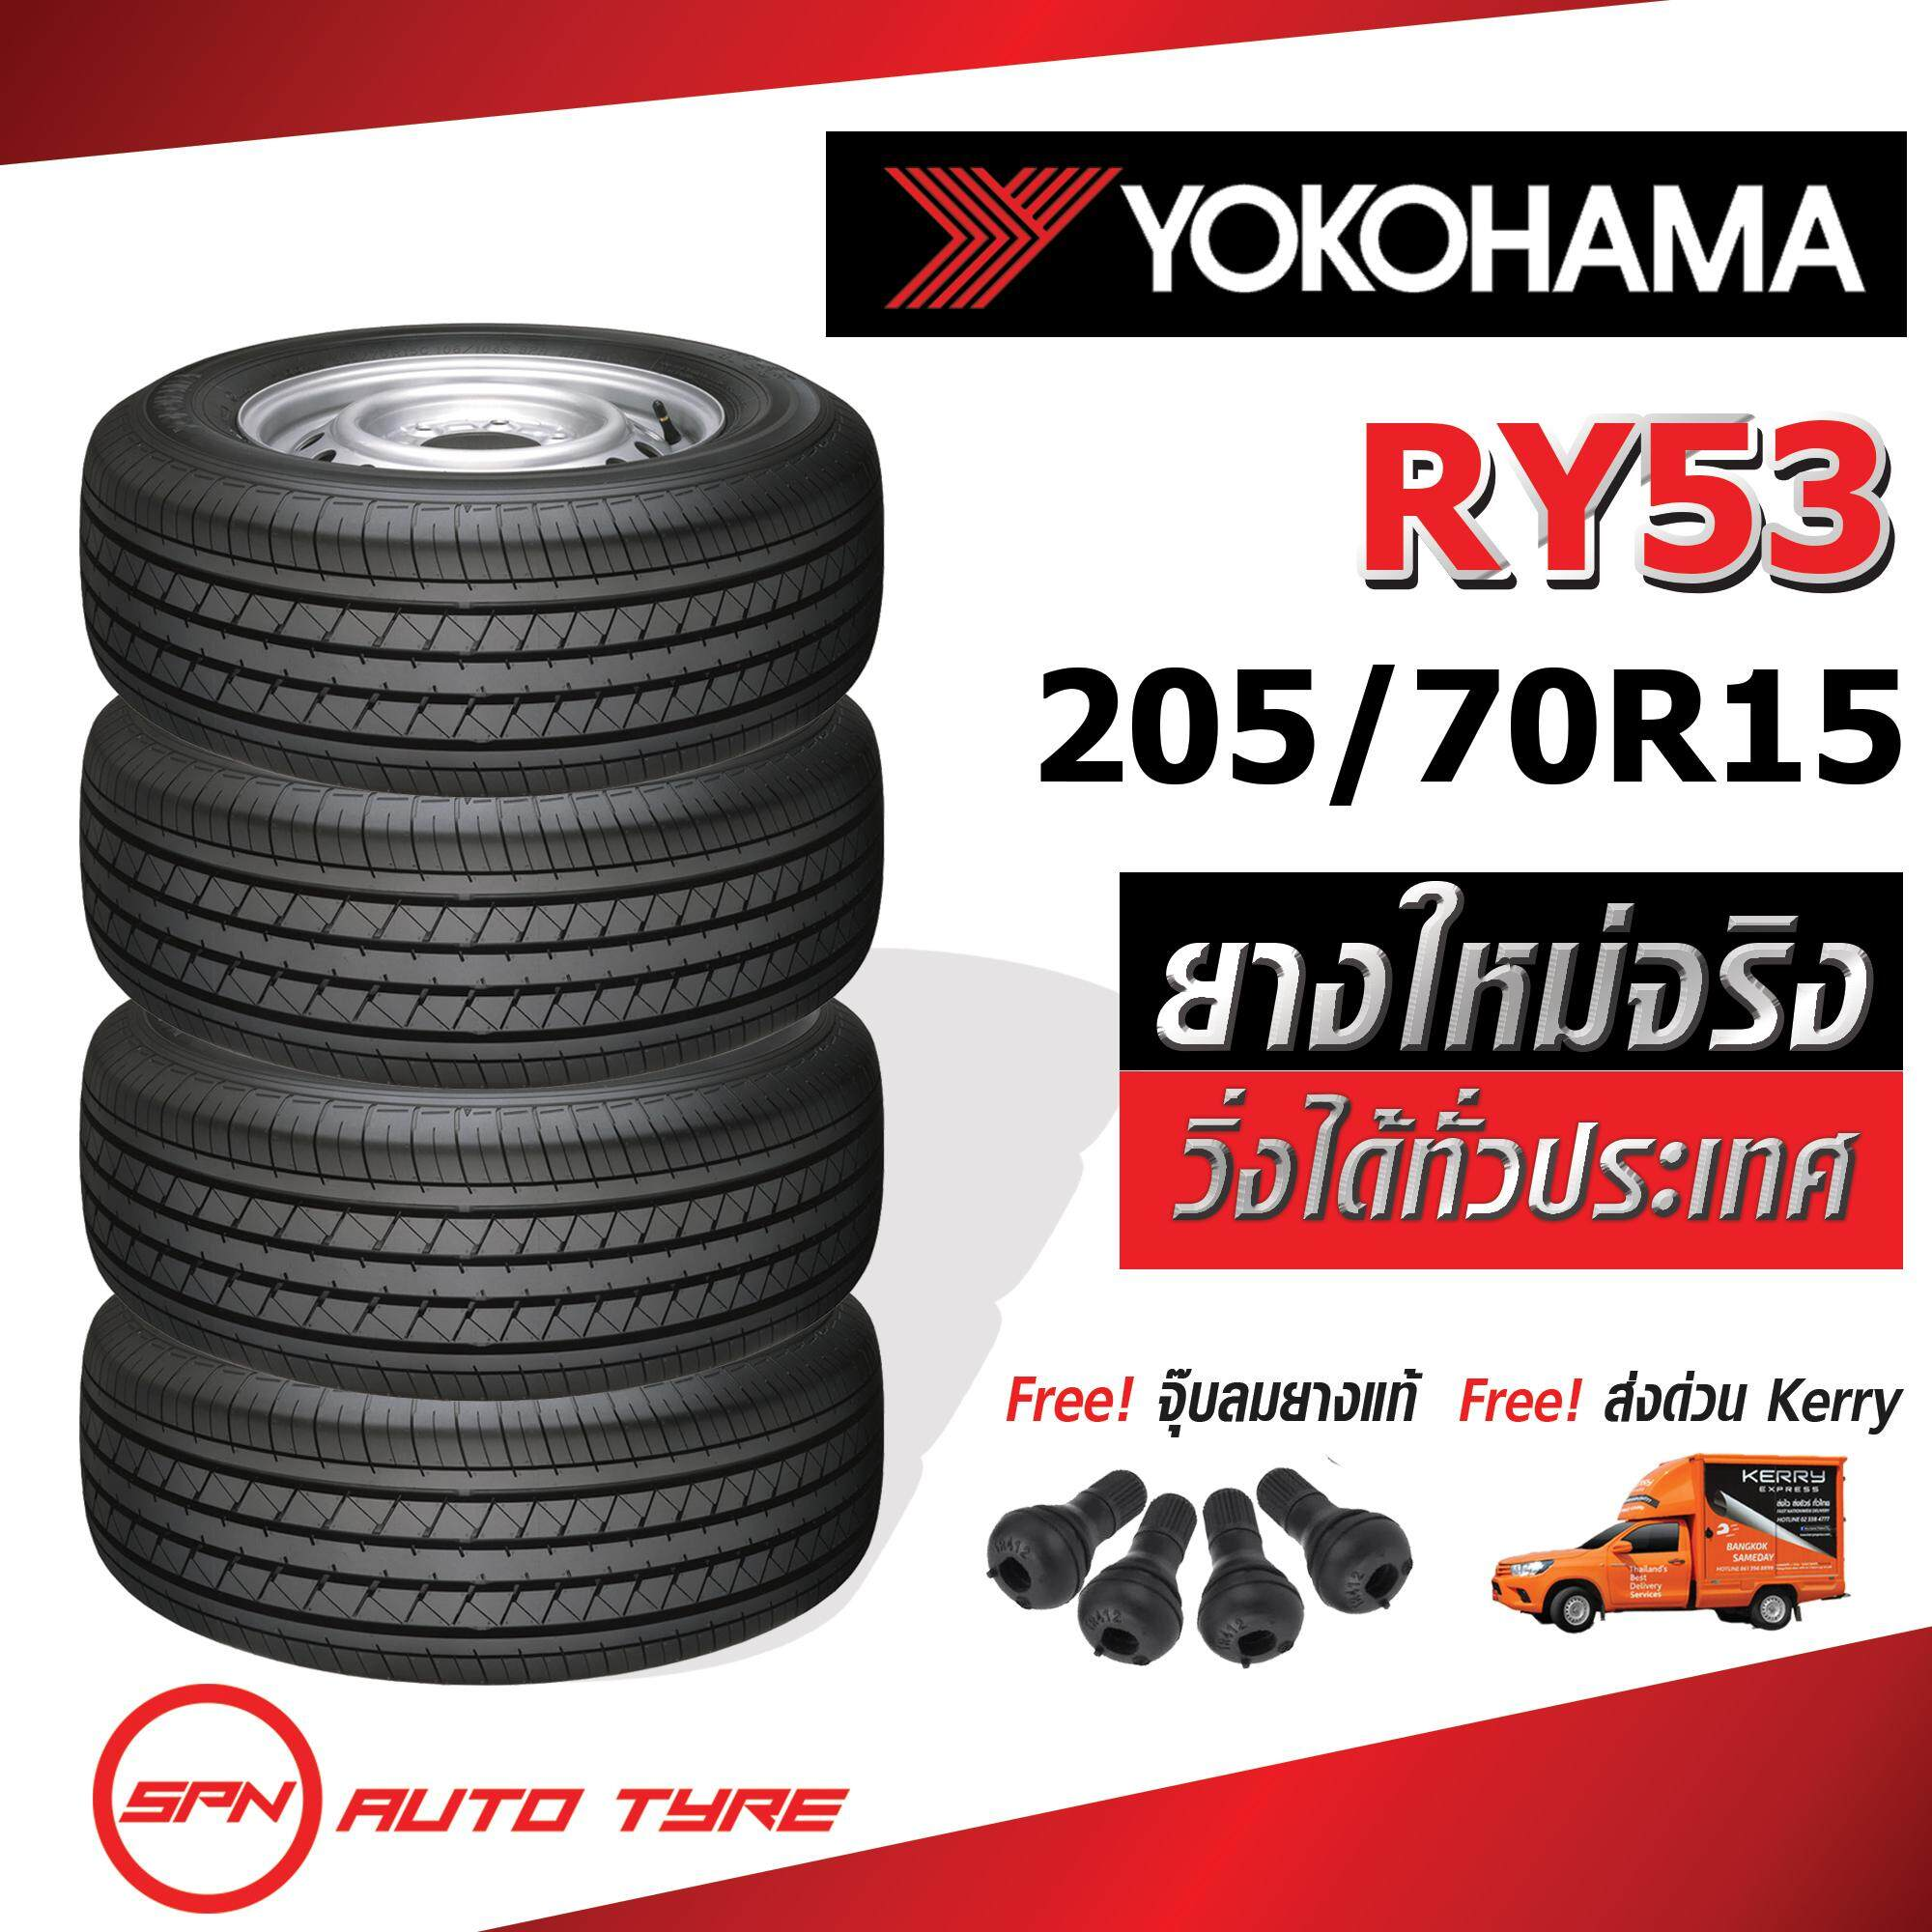 ประกันภัย รถยนต์ 2+ เพชรบุรี Yokohama RY53 205/70R15 4 เส้น